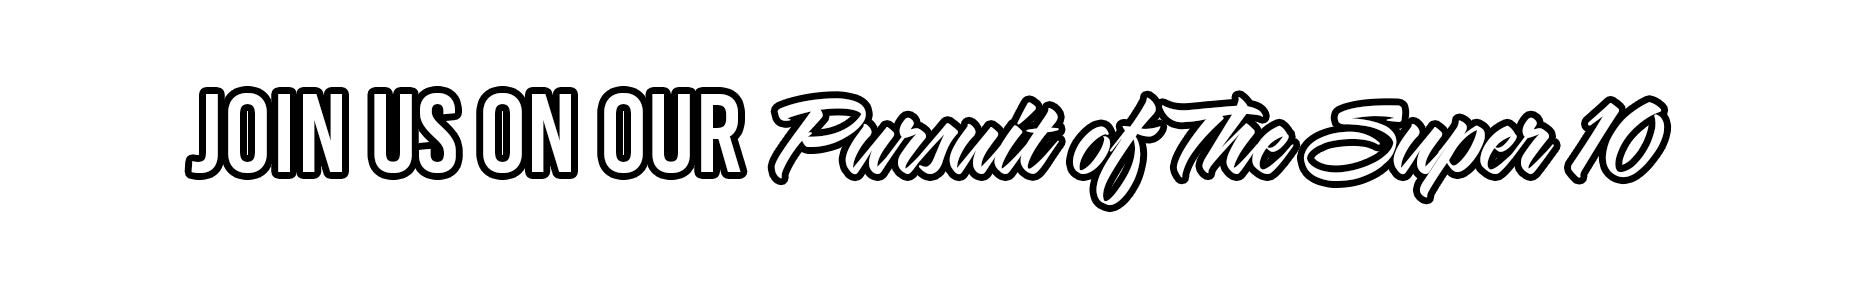 Pursuit of the Super 10